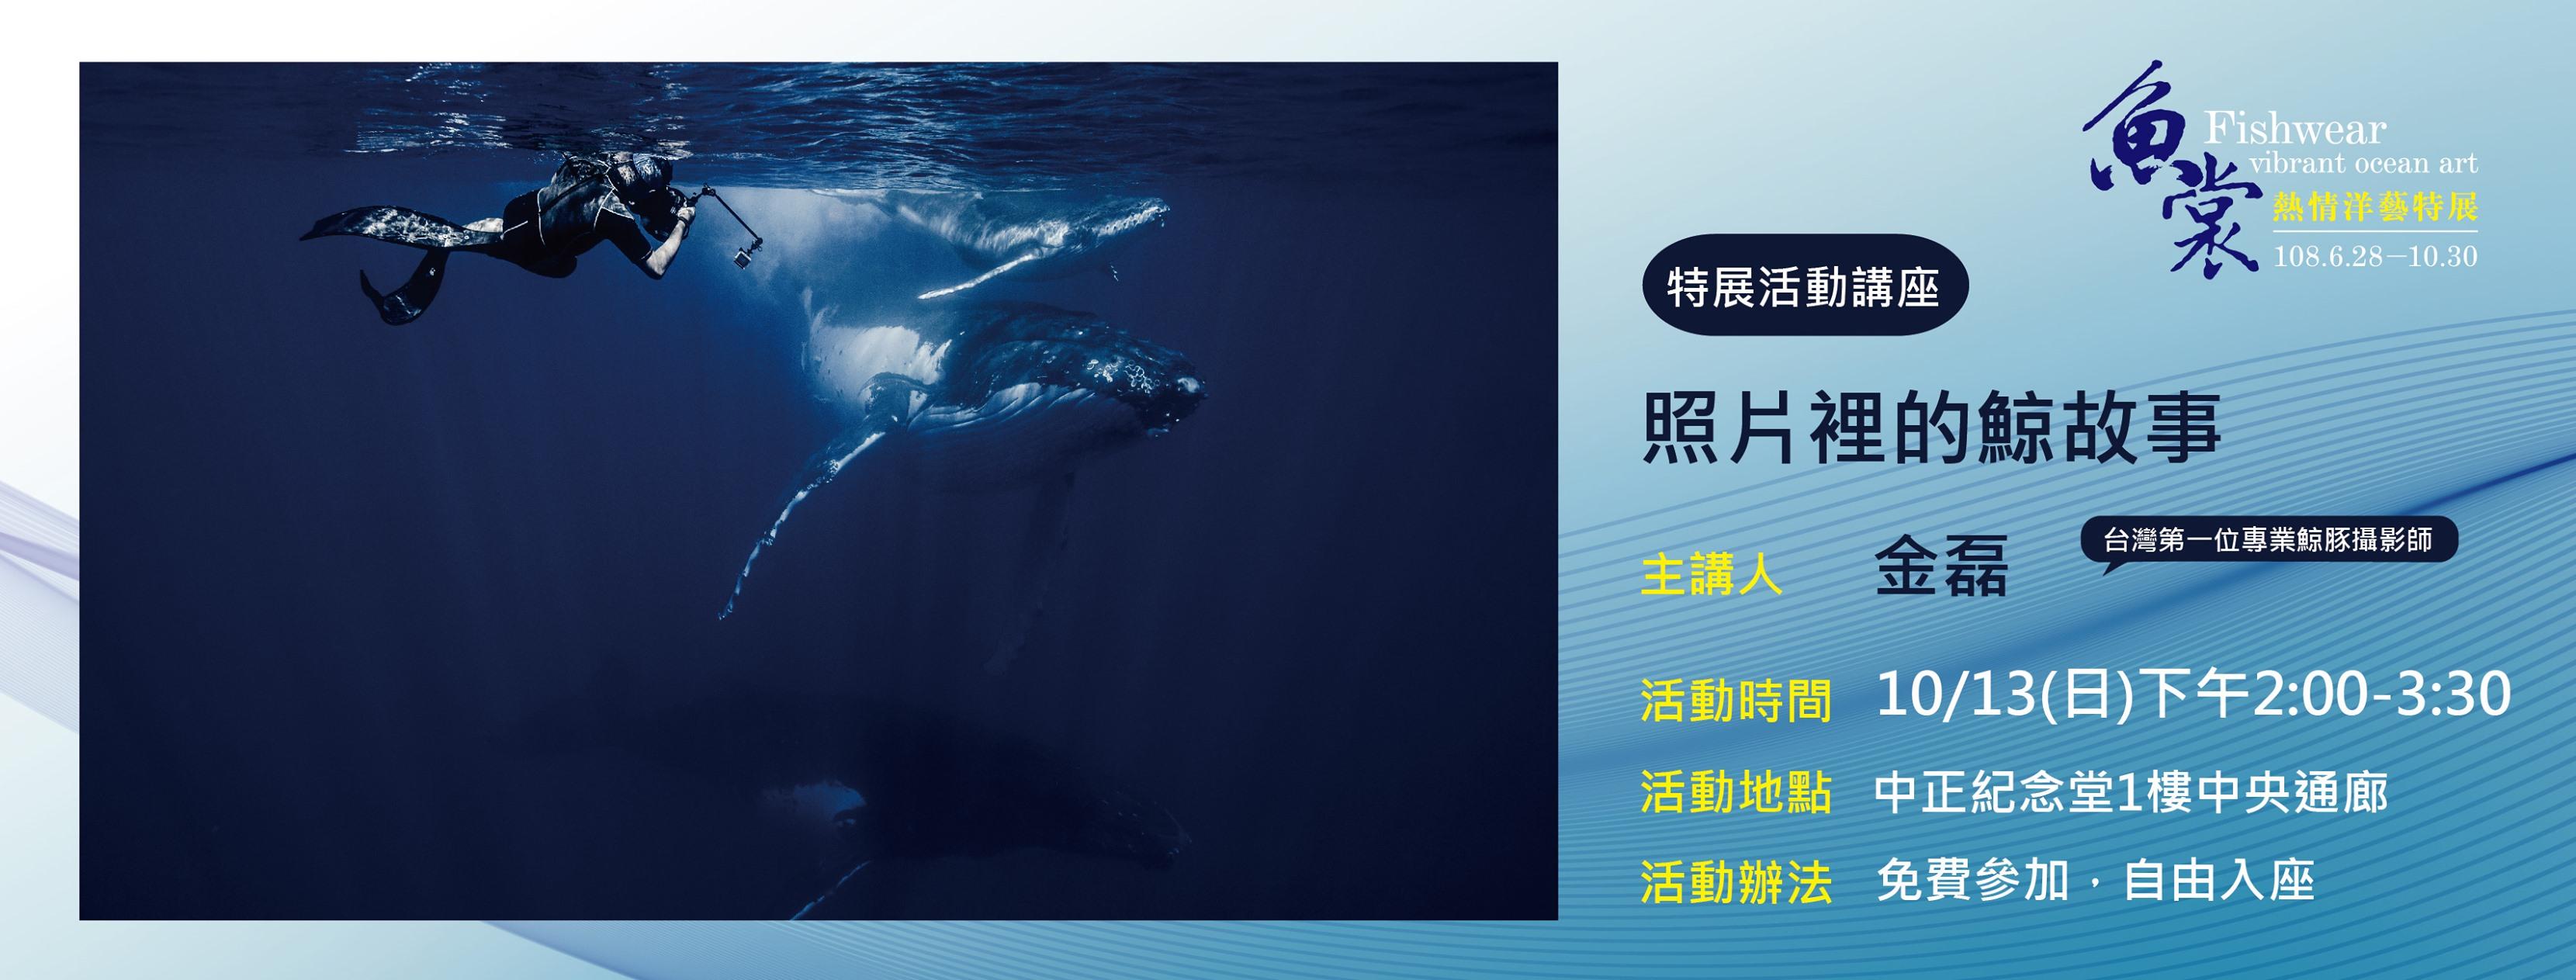 魚裳-熱情洋藝特展講座活動:照片裡的鯨故事